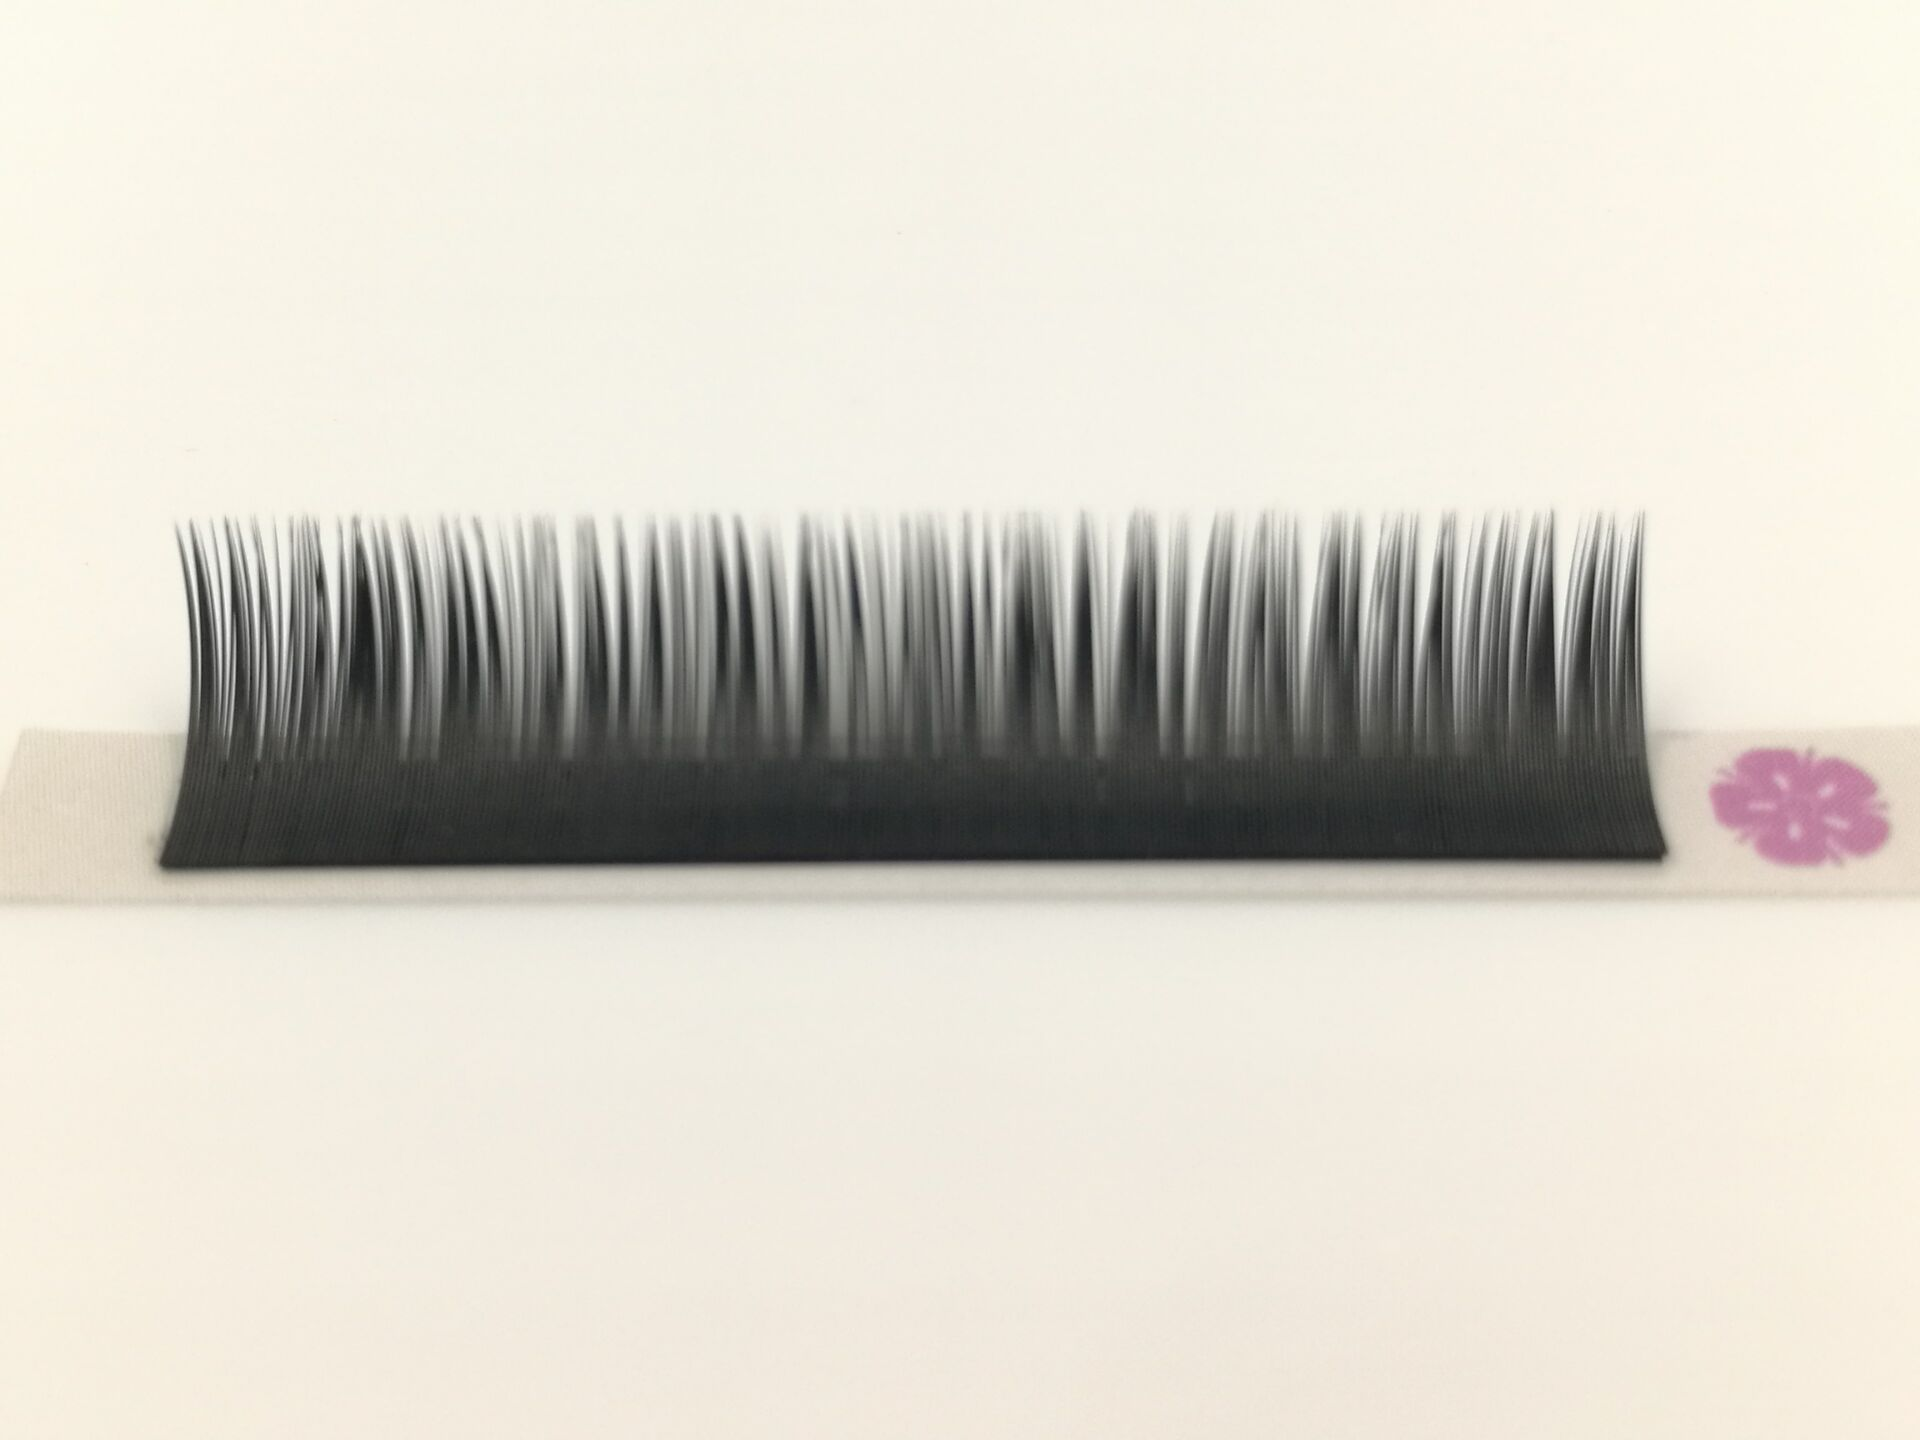 flat eyelash extensions